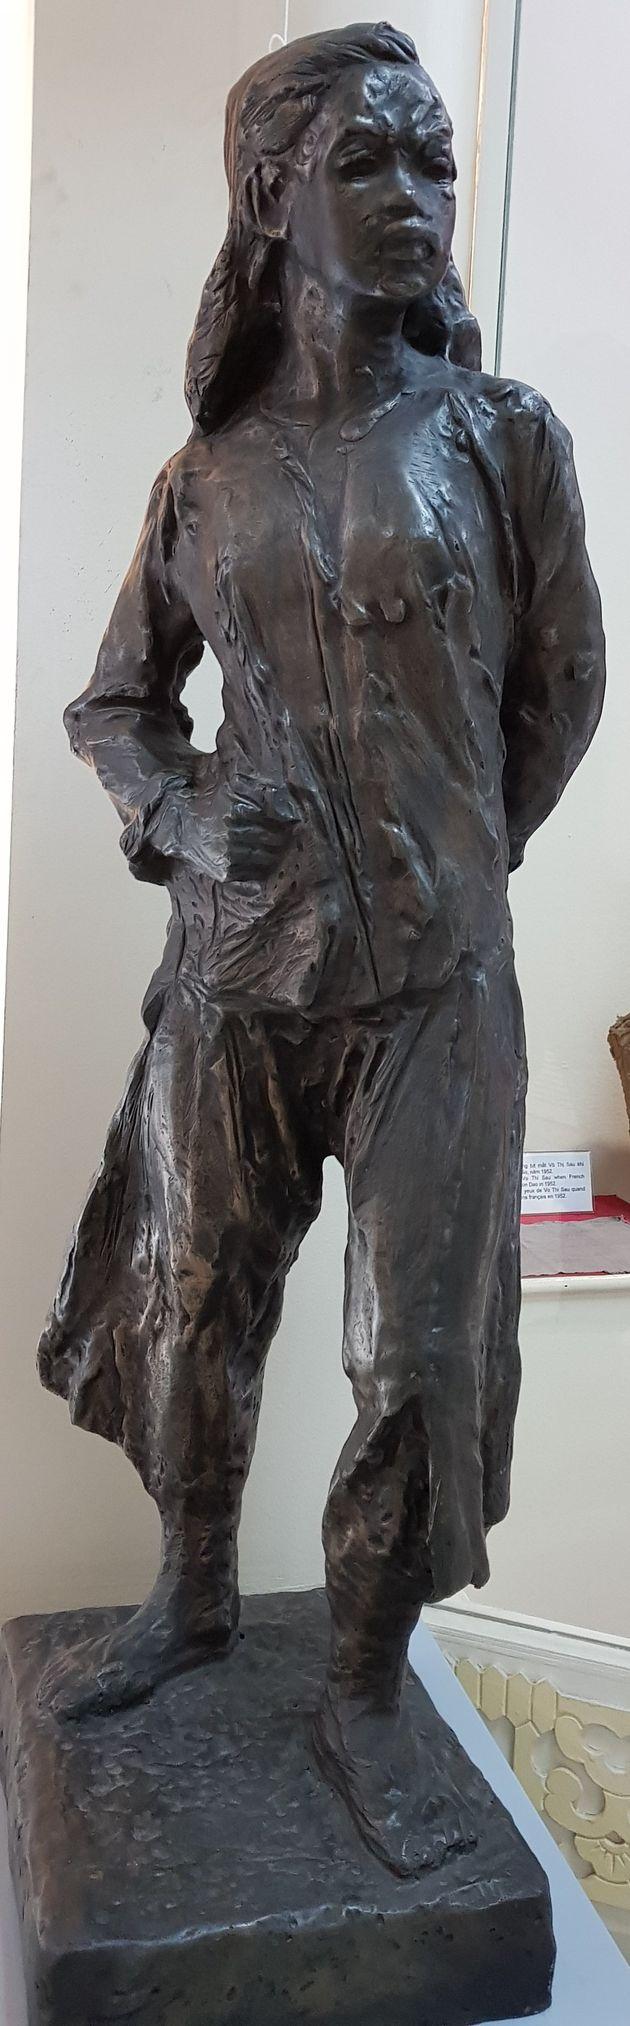 Statue au Musée national d'Histoire vietnamienne. Décembre